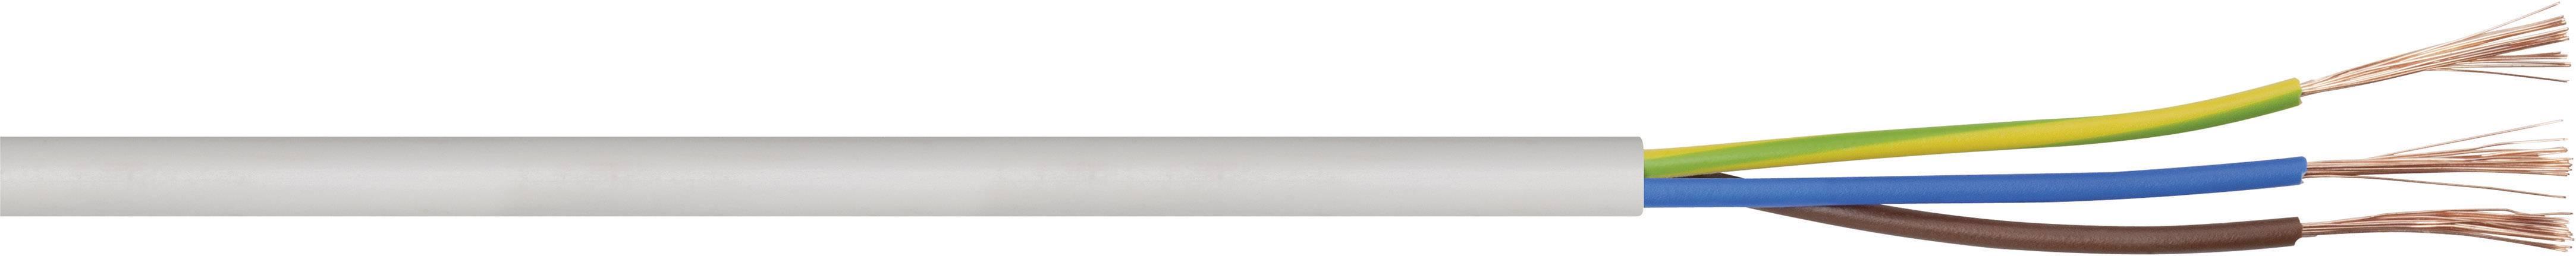 Vícežílový kabel LAPP H03VV-F, 1601204/1000, 3 G 0.75 mm², černá, 1000 m